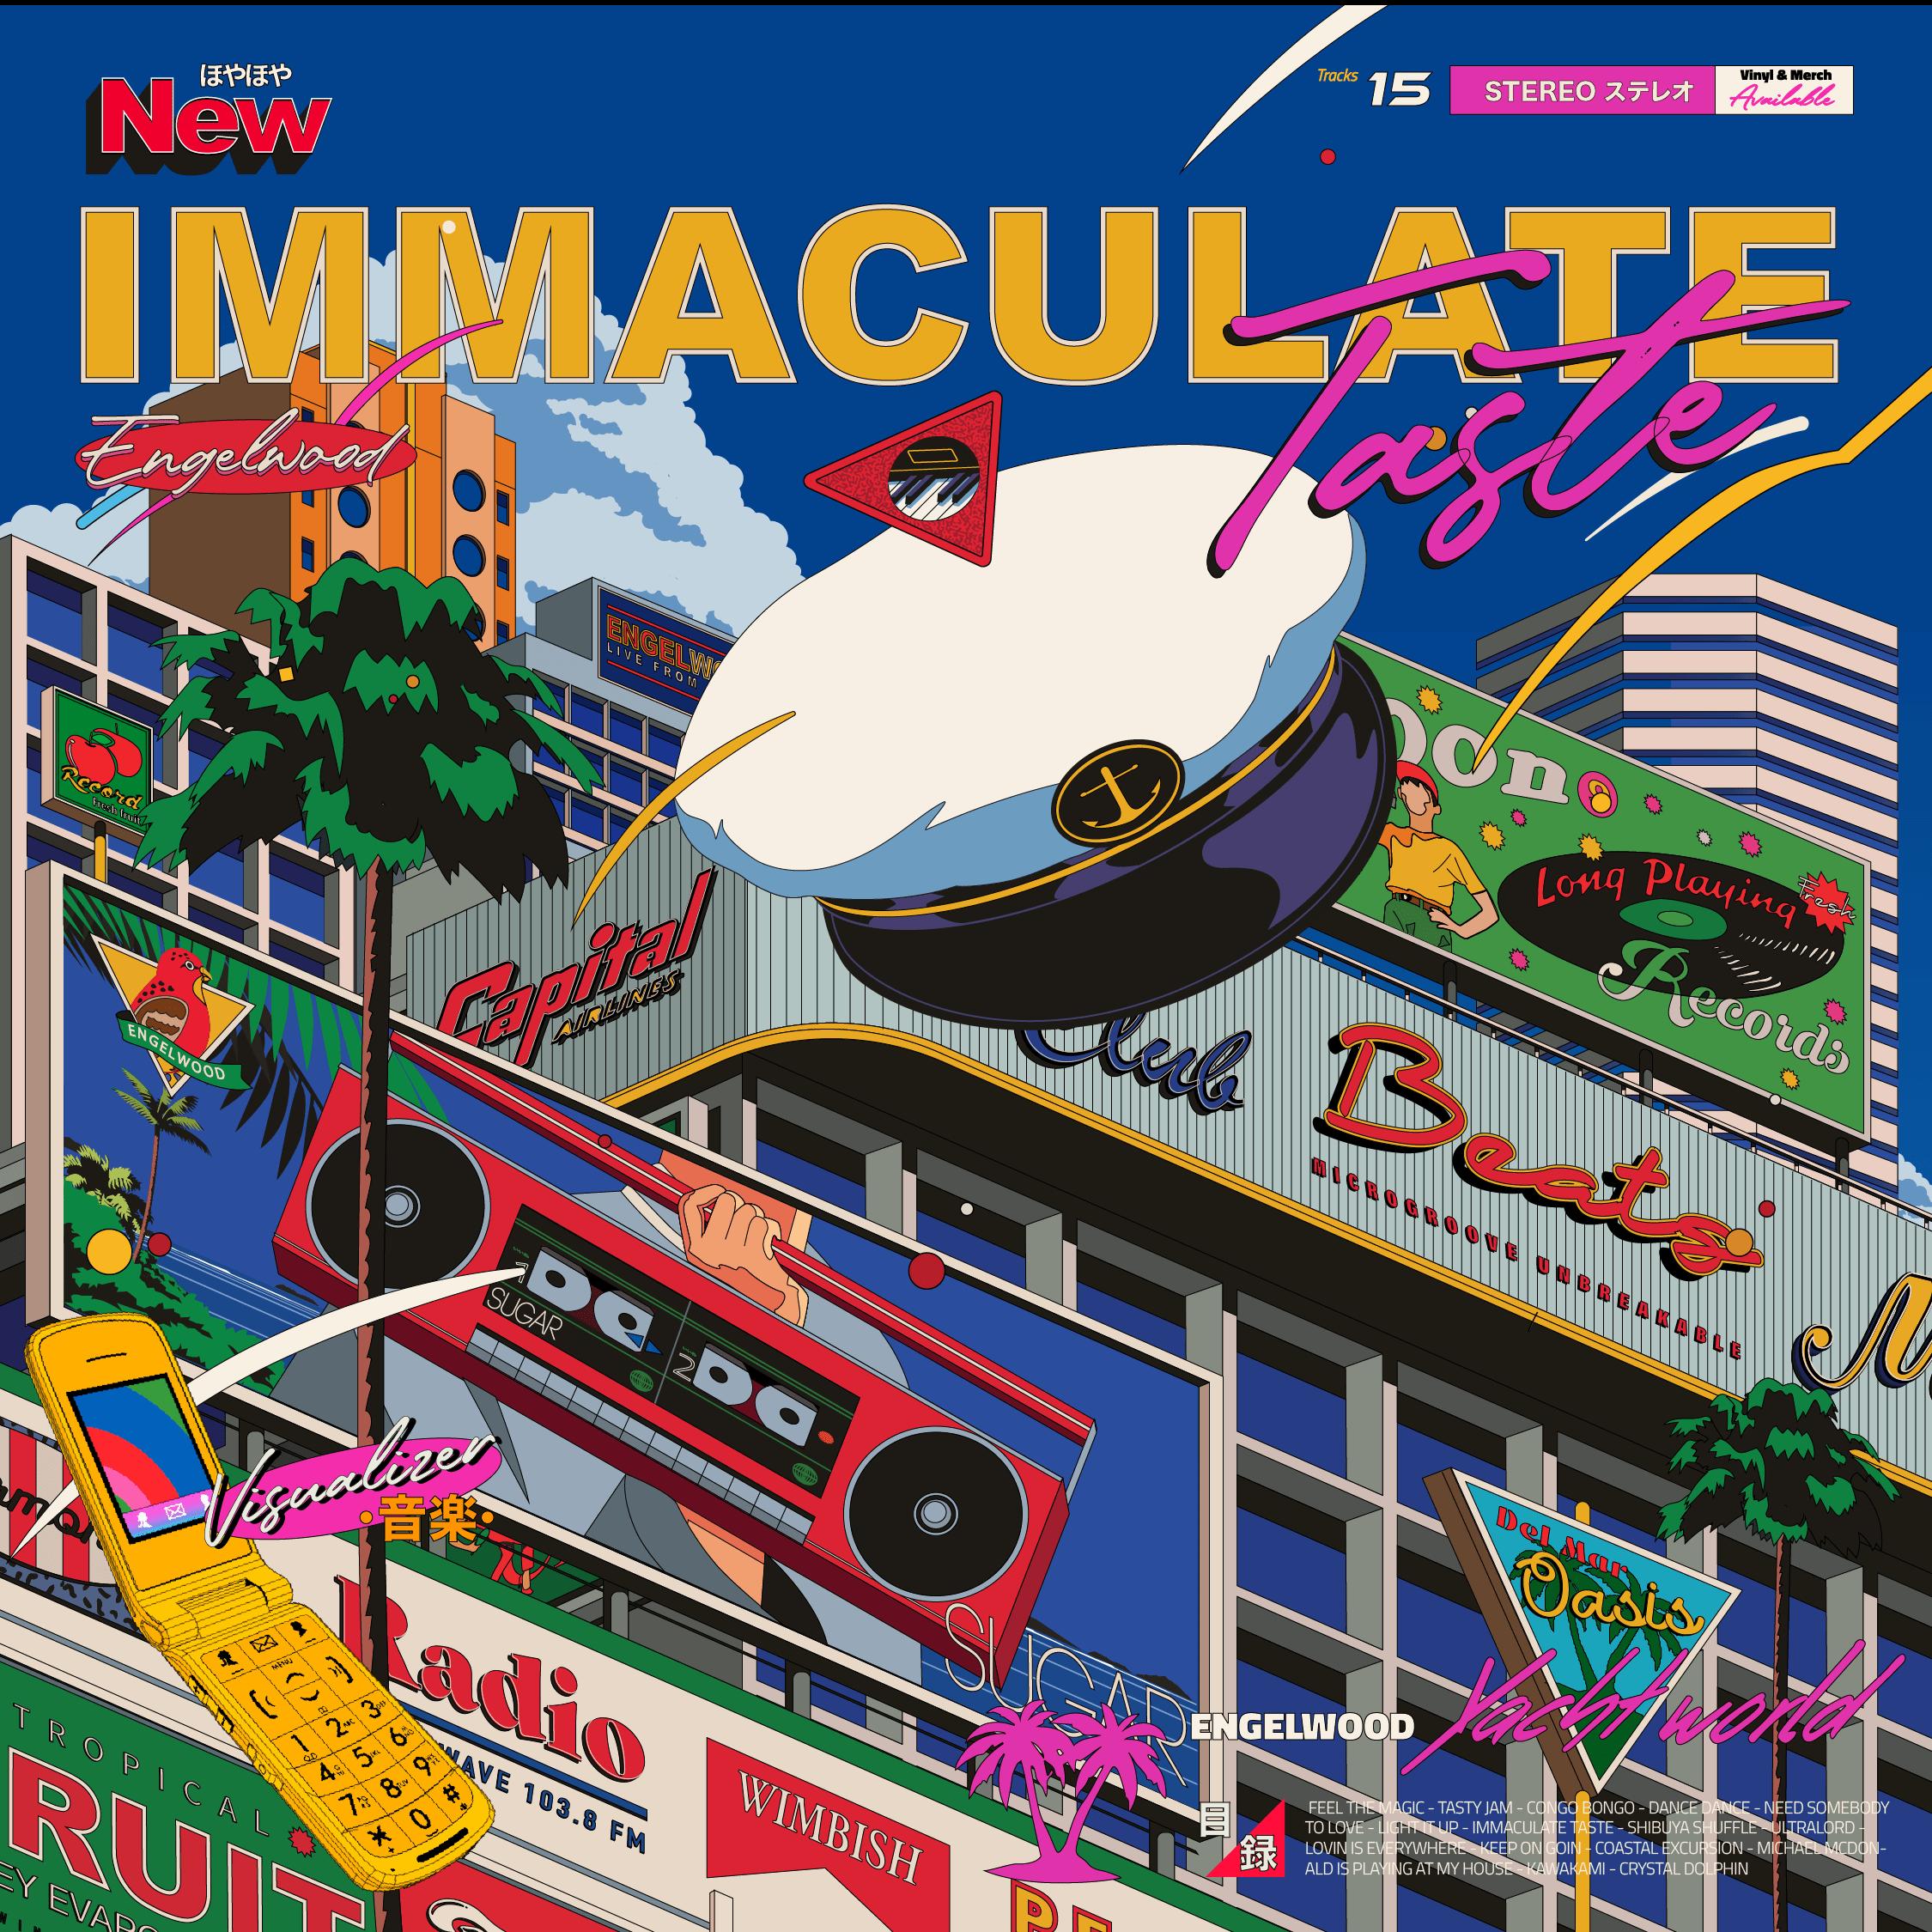 IMMACULATETASTE_STILL